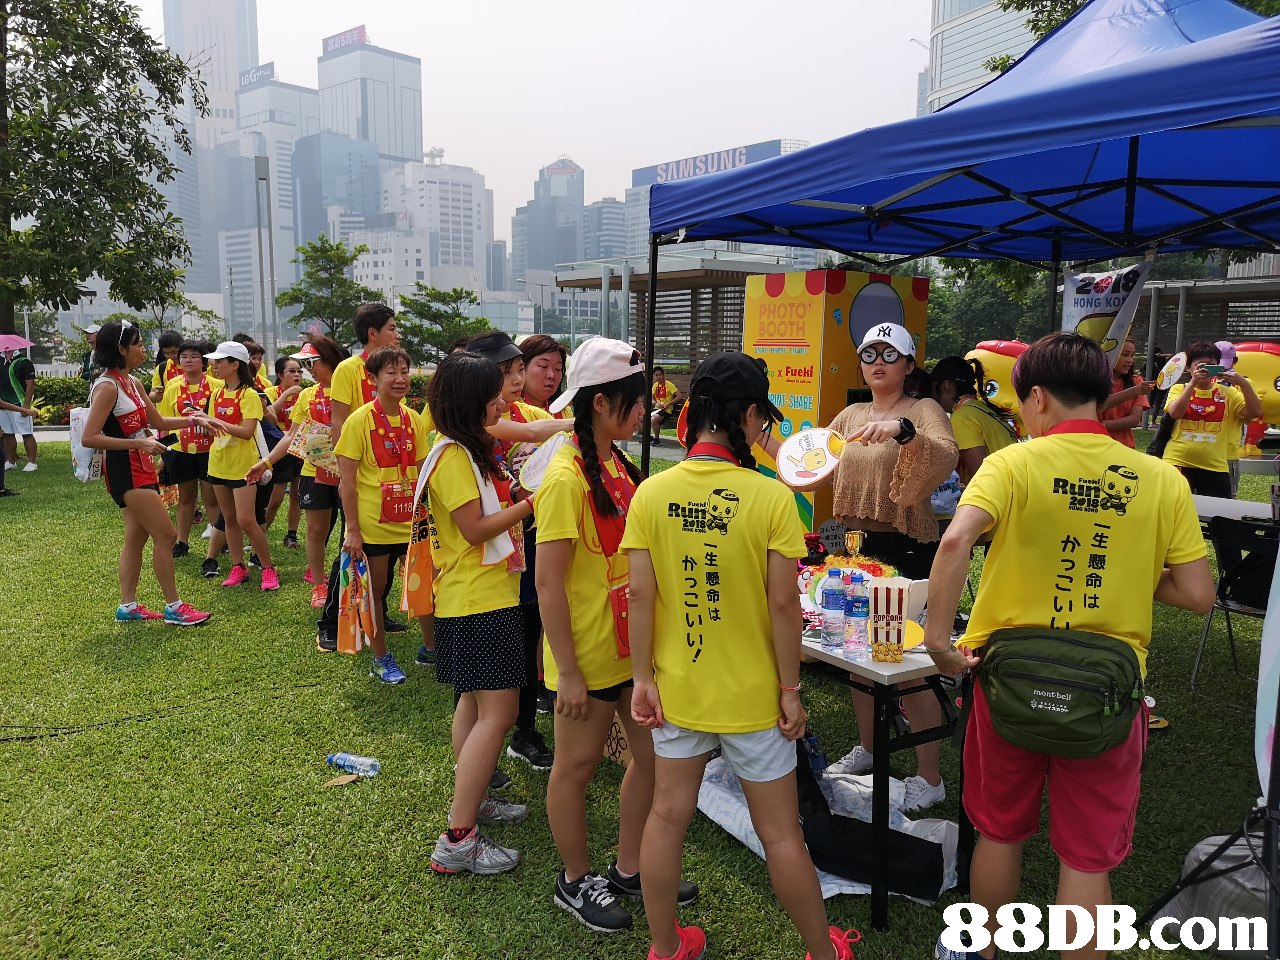 HONG K x Fueki Run 1118 んな nont bell 88DB.com   %一生懸命は かっこい 生懸命は かっこいい 201  sports